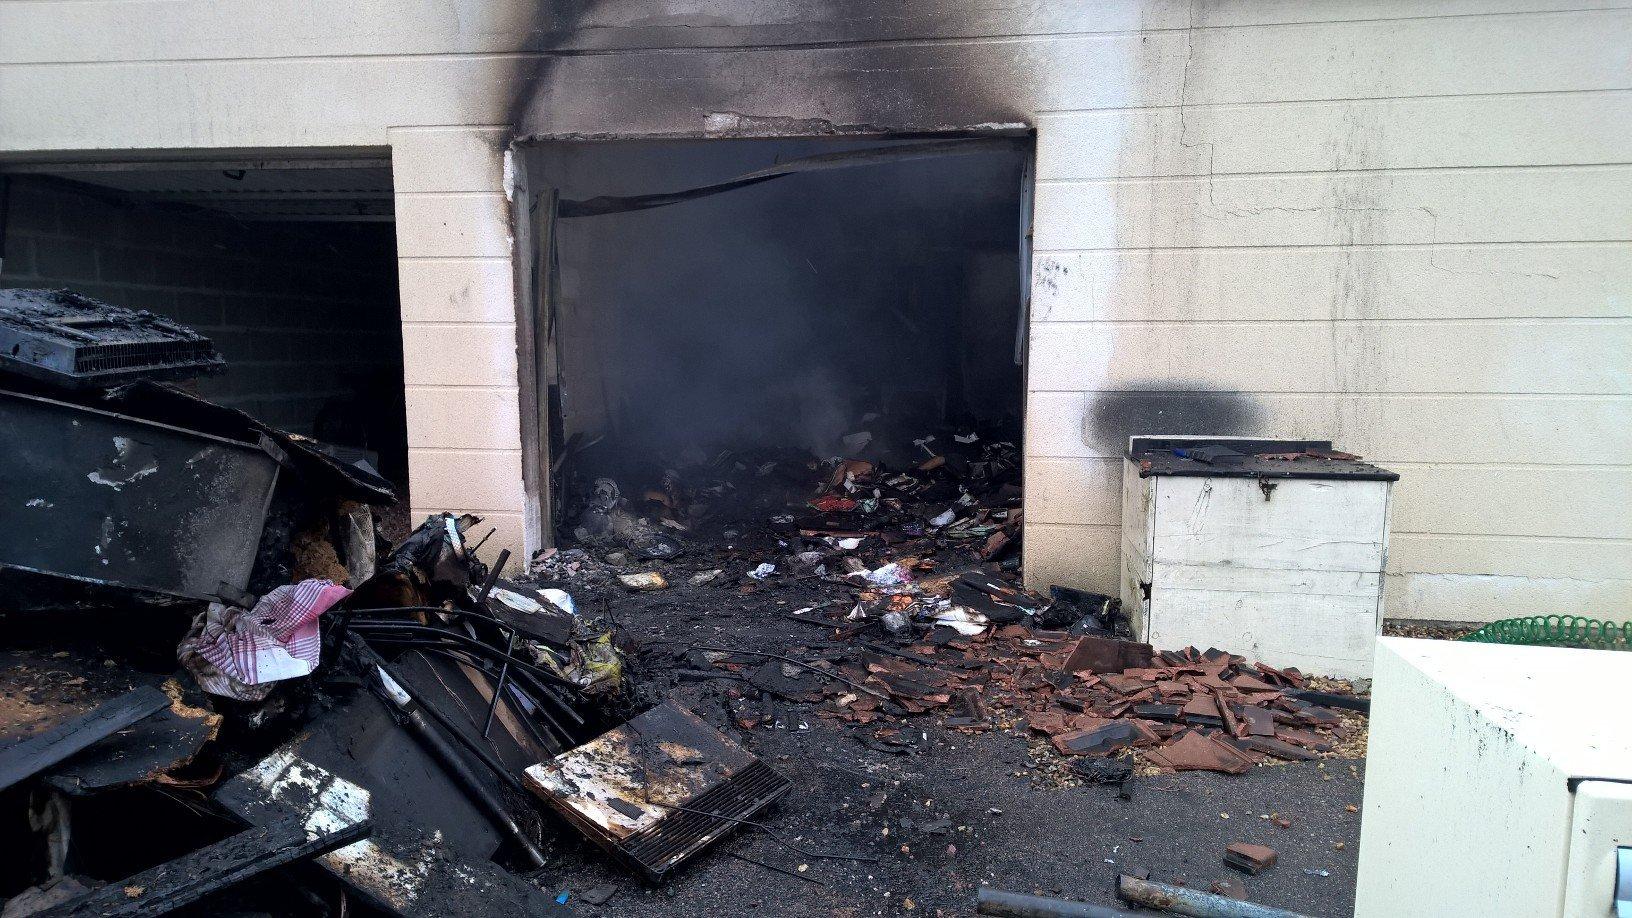 La friteuse se trouvait dans le garage au moment où elle s'est embrasée accidentelllement (Photo DR)